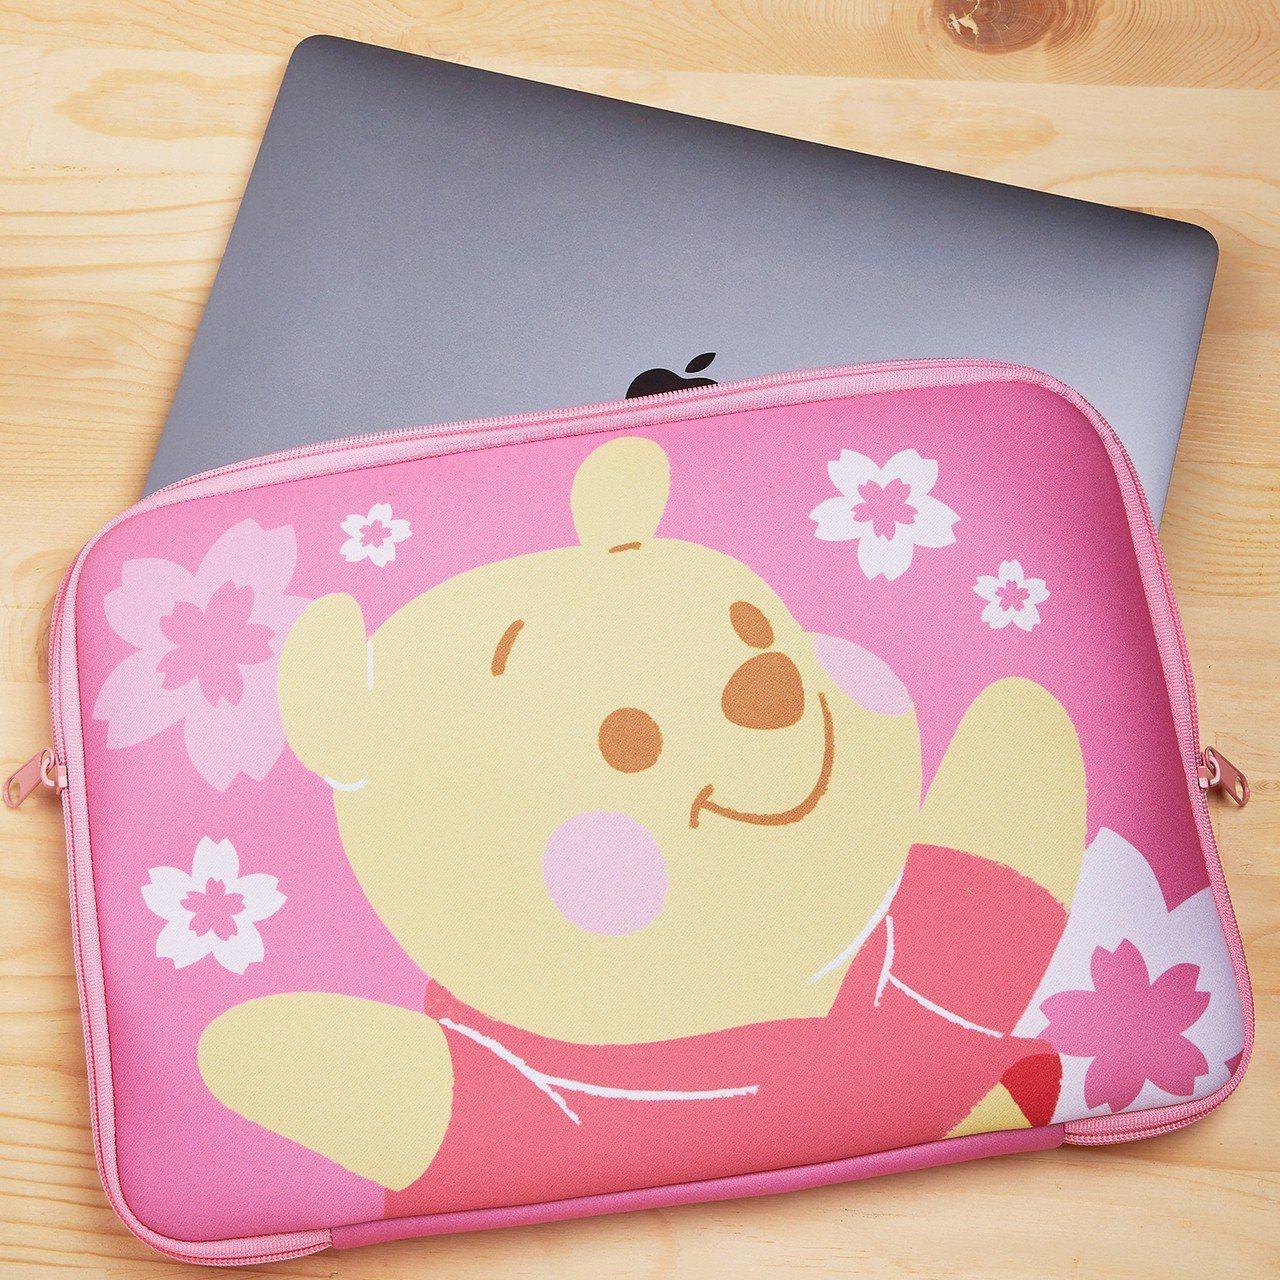 小熊維尼系列筆電包(櫻花限定版),適用14吋以下薄型窄邊框筆電、平板,售價599...